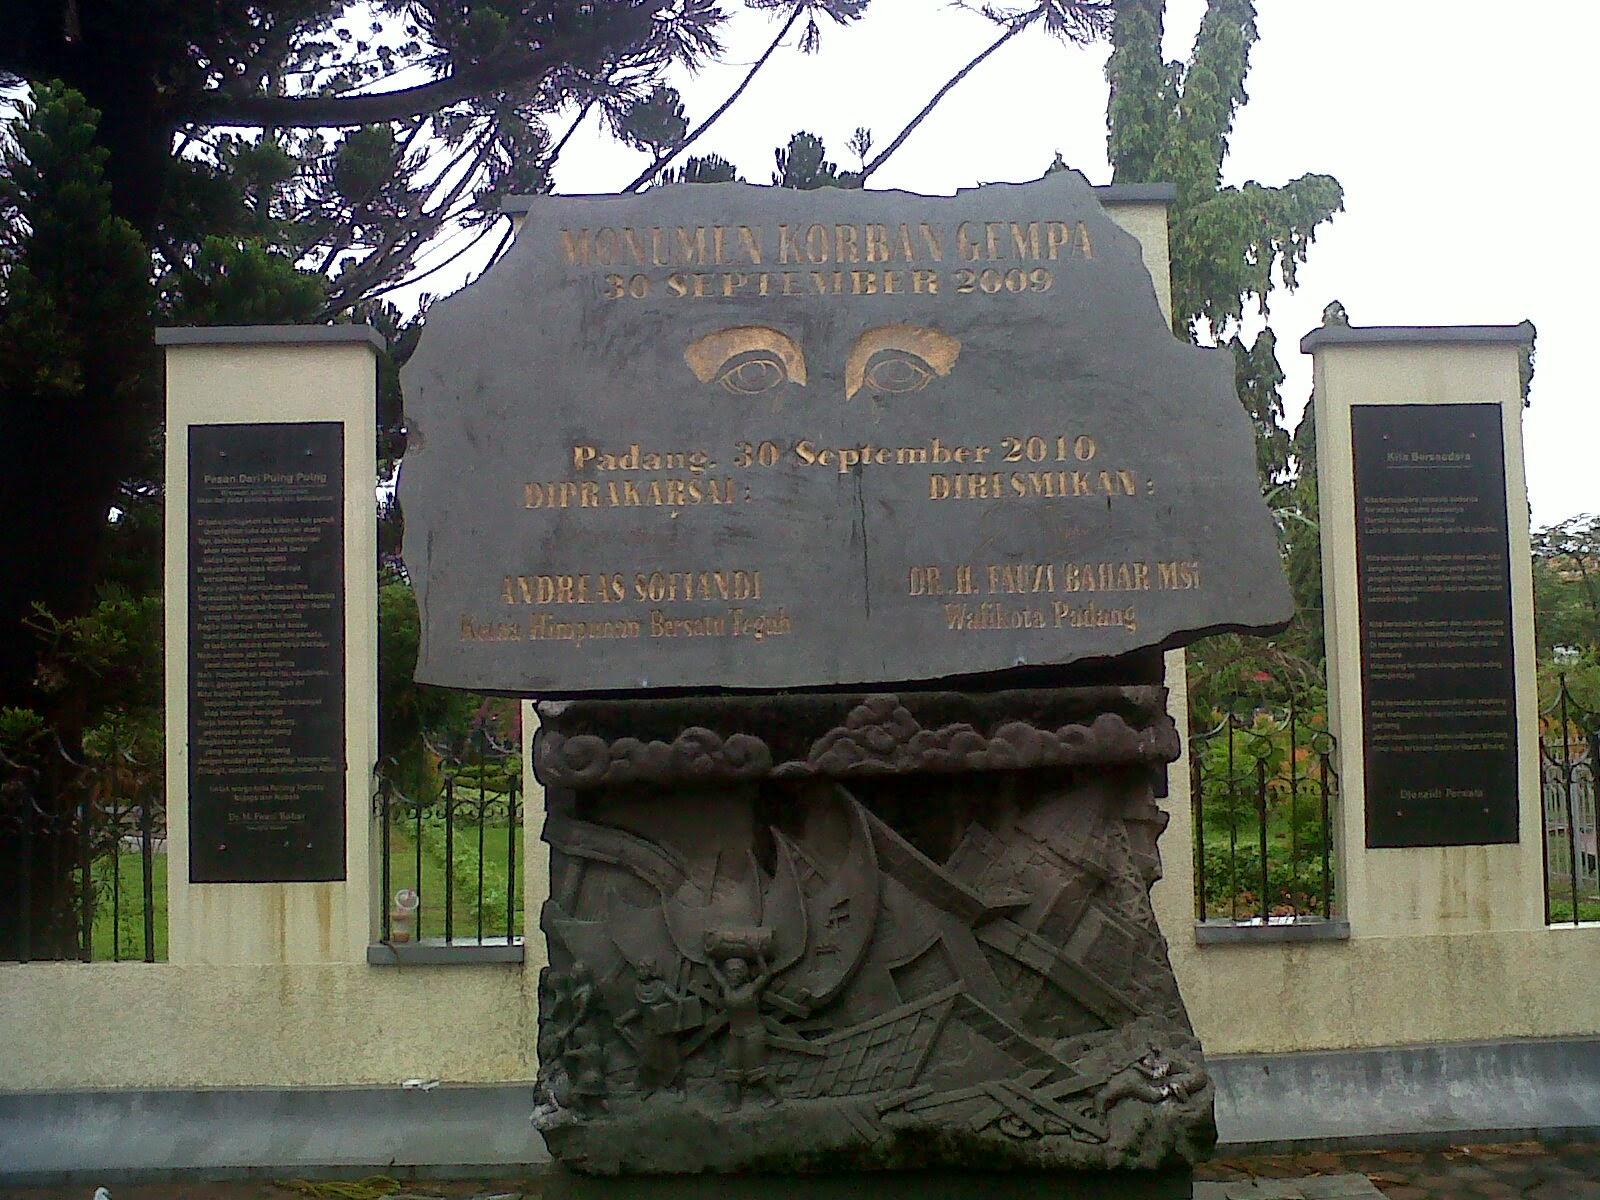 Wisata Edukasi Museum Gempa Padang